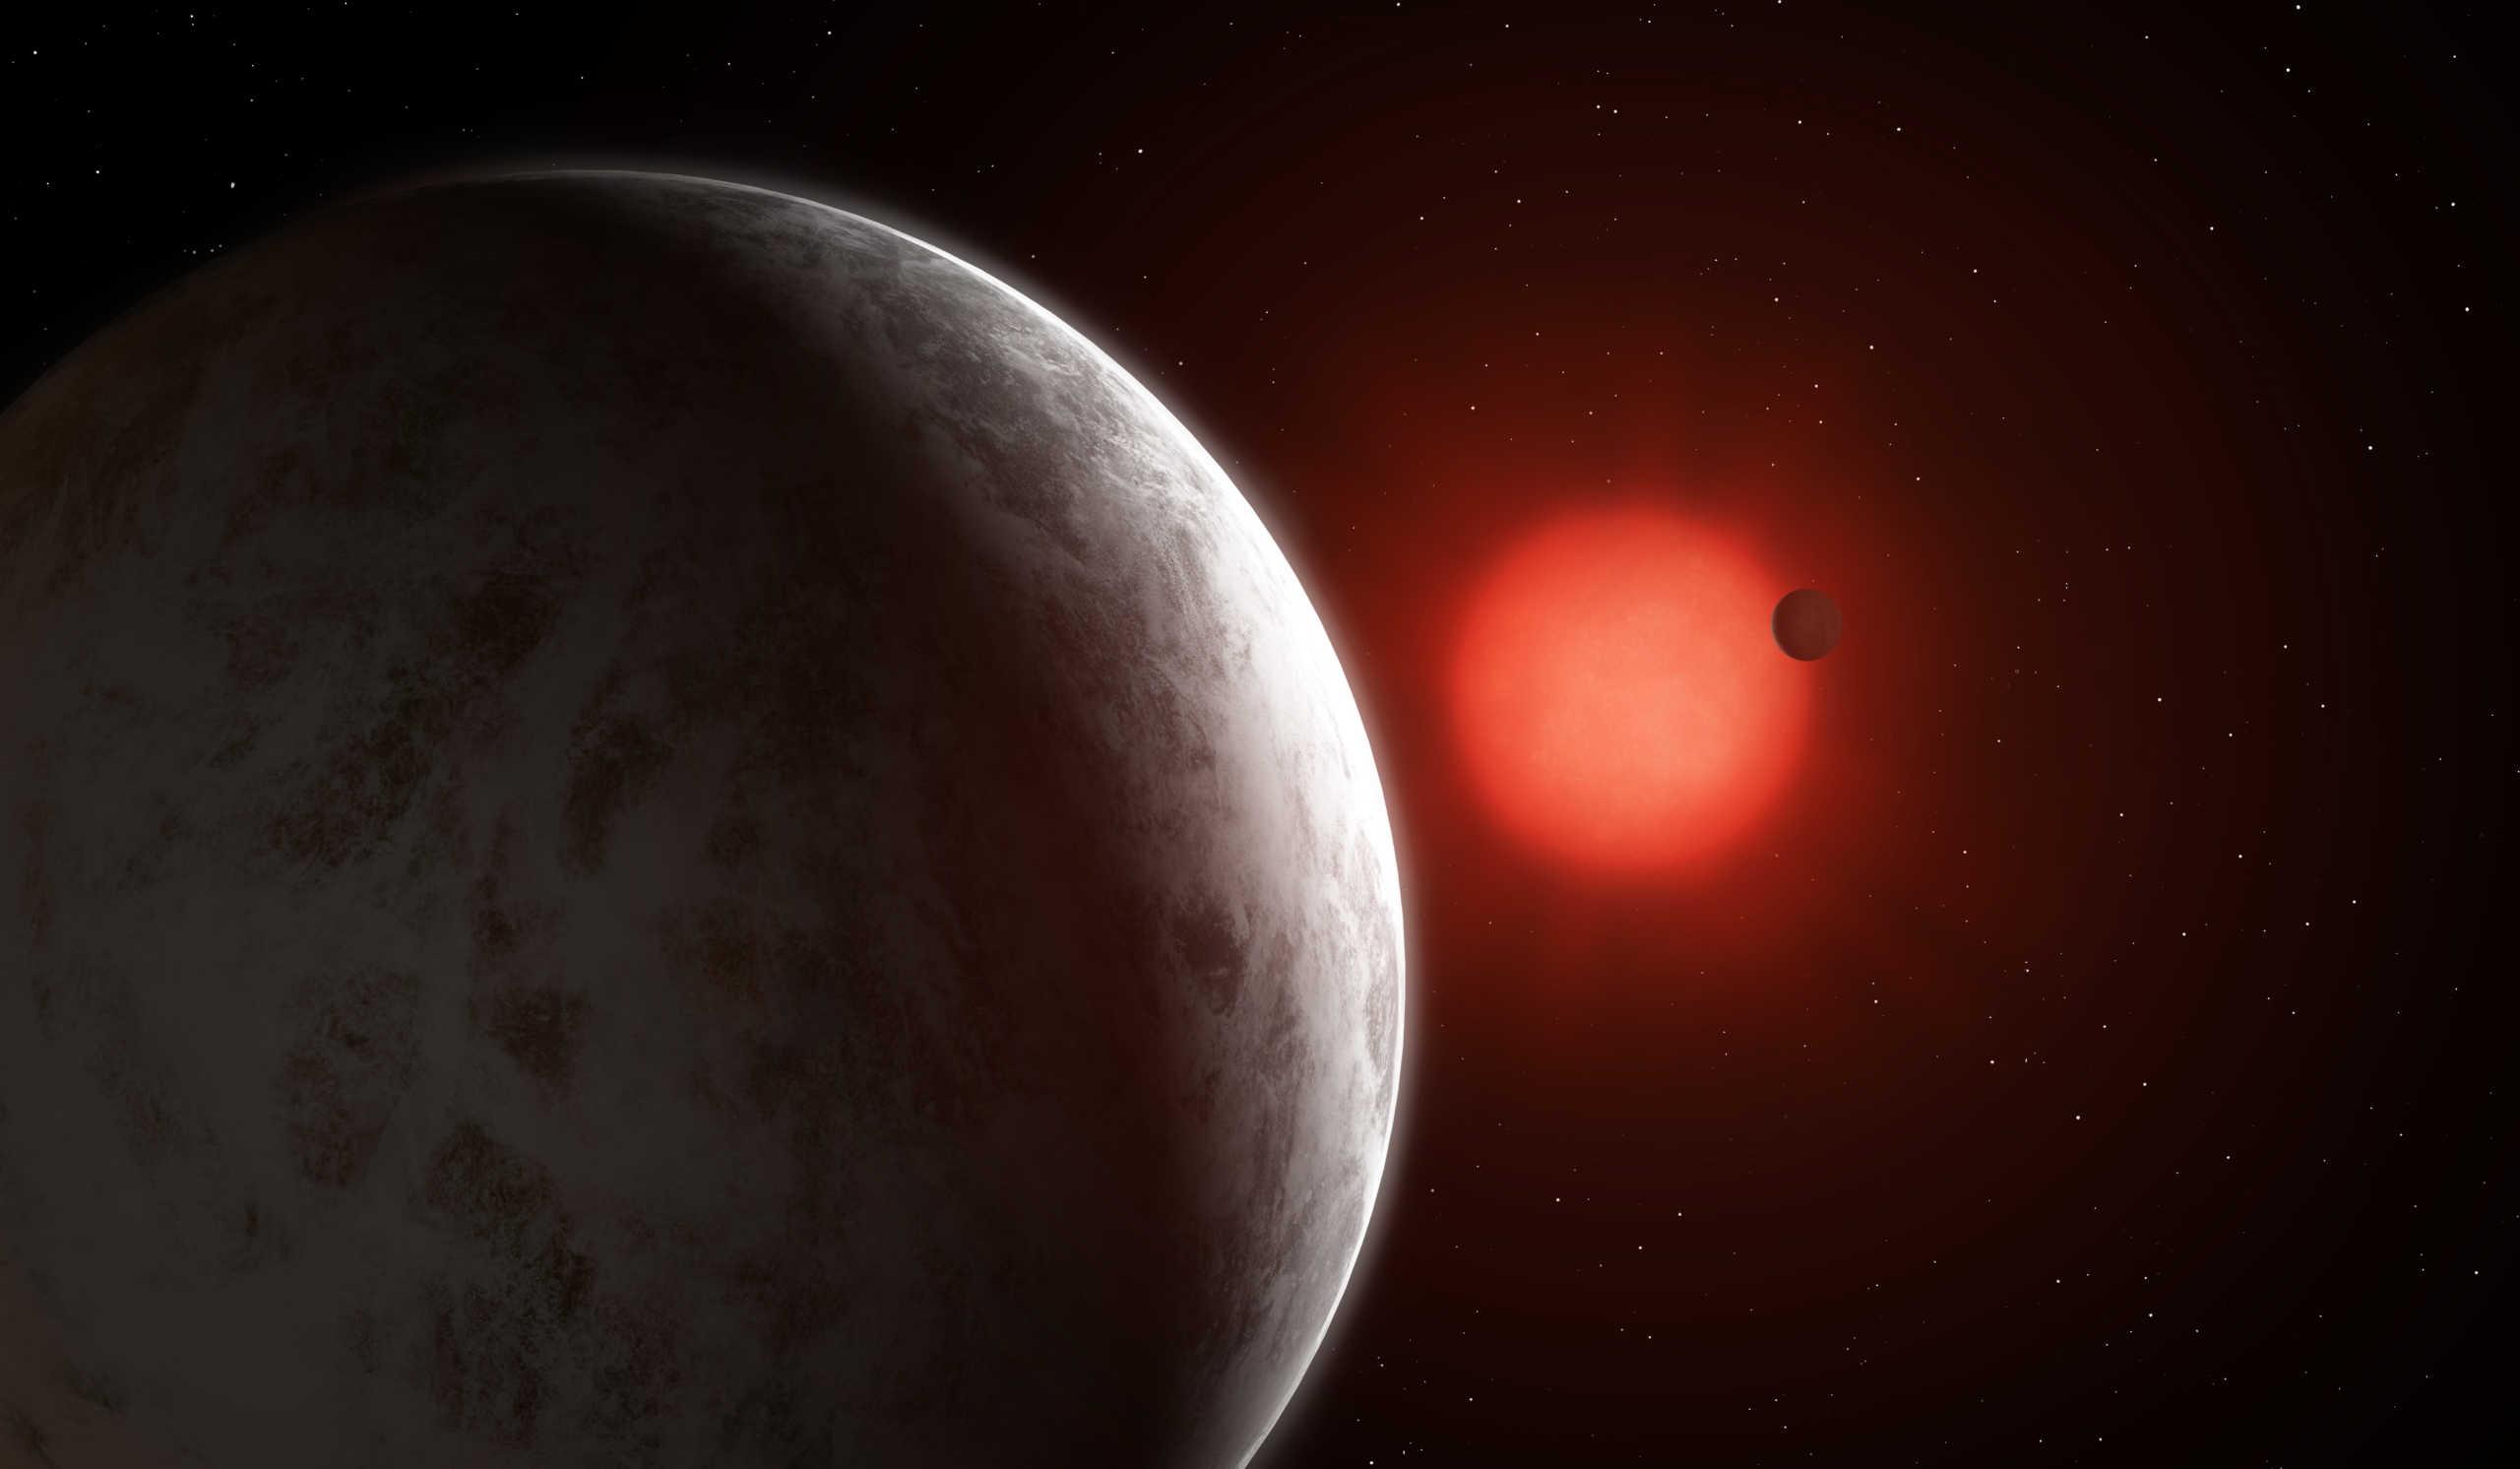 Ανακαλύφθηκε ένα πολύ κοντινό ηλιακό σύστημα με τρεις εξωπλανήτες